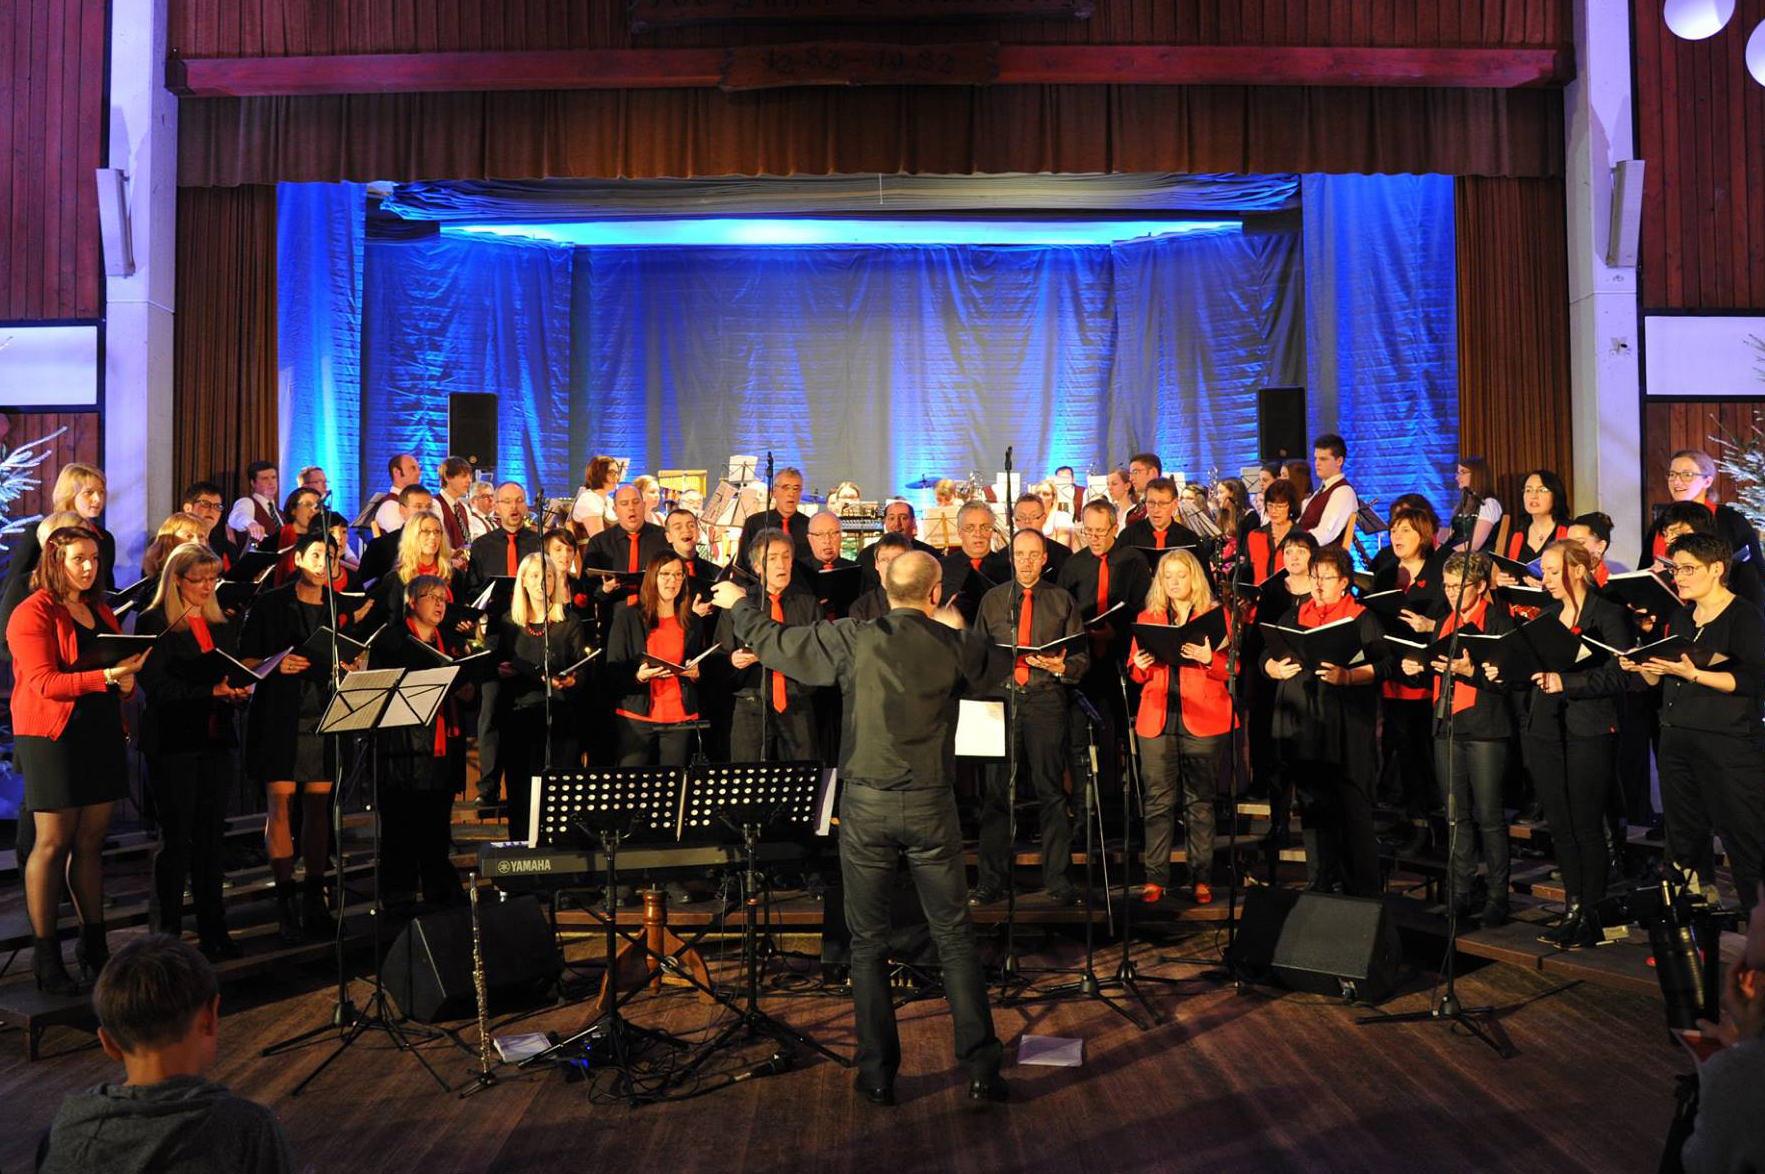 Frühlingszauber Chorfestival am 9. Apri in Bad Fredeburg